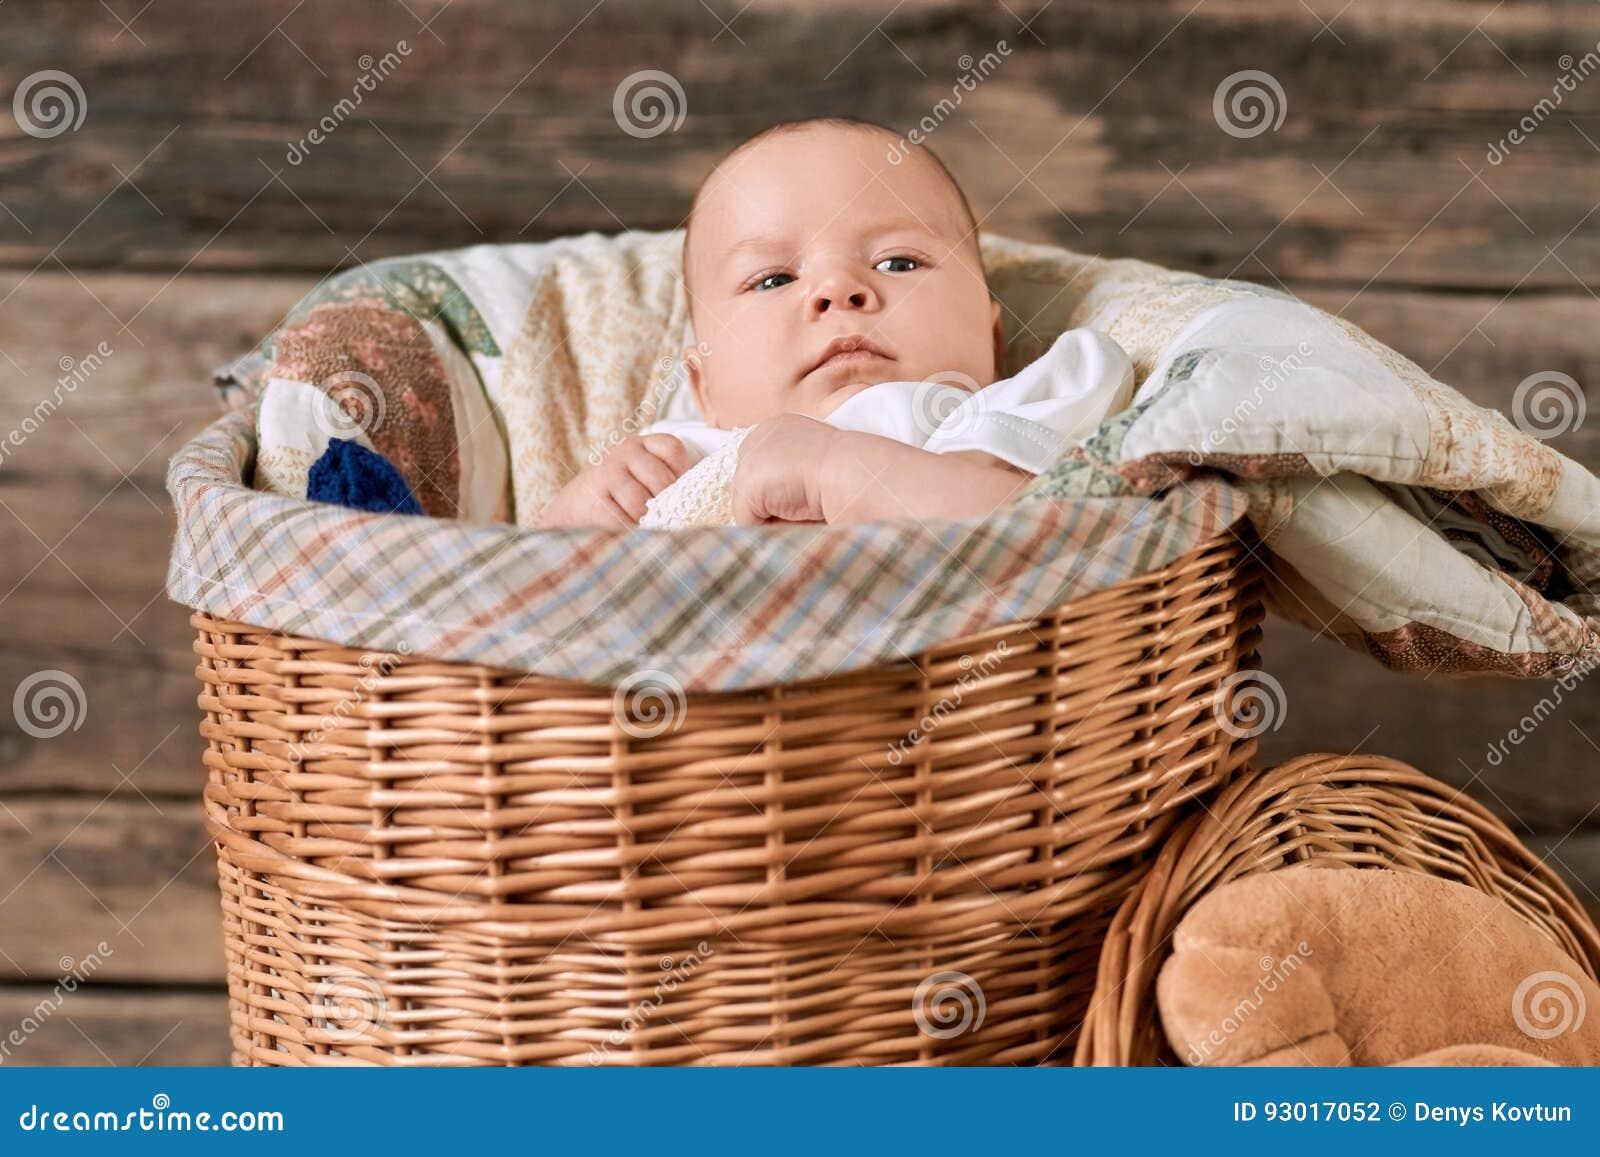 Bébé dans un panier de saule